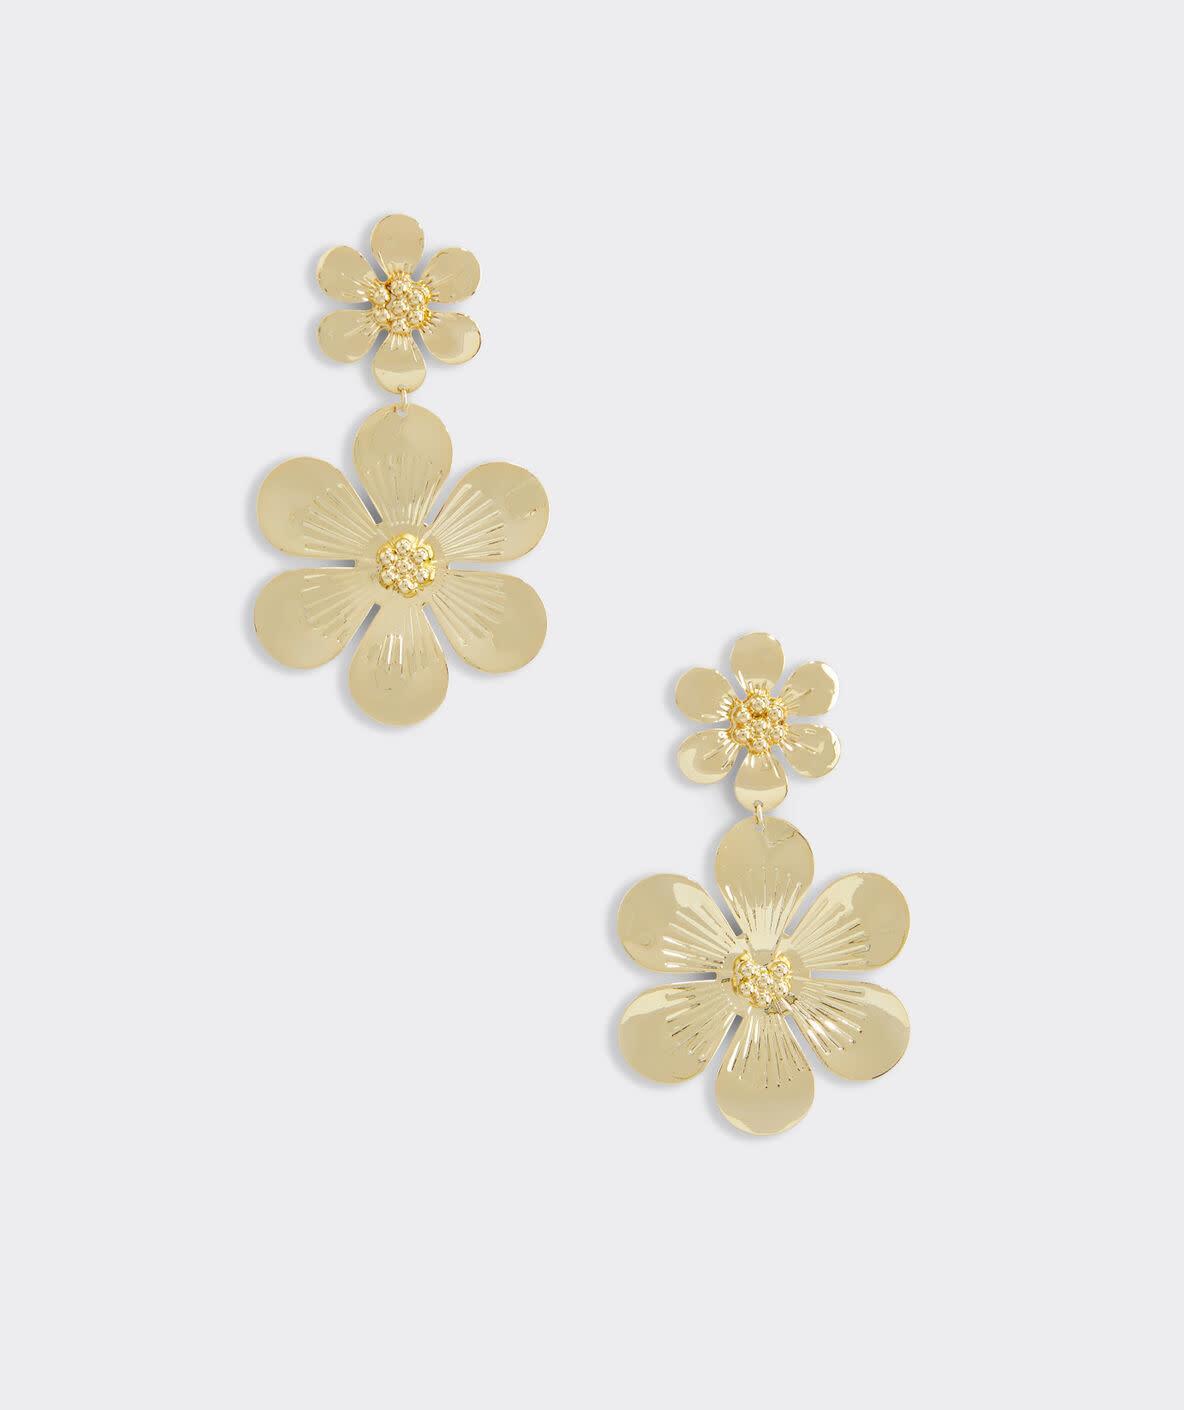 VINEYARD VINES Vineyard Vines Allamanda Floral Earrings